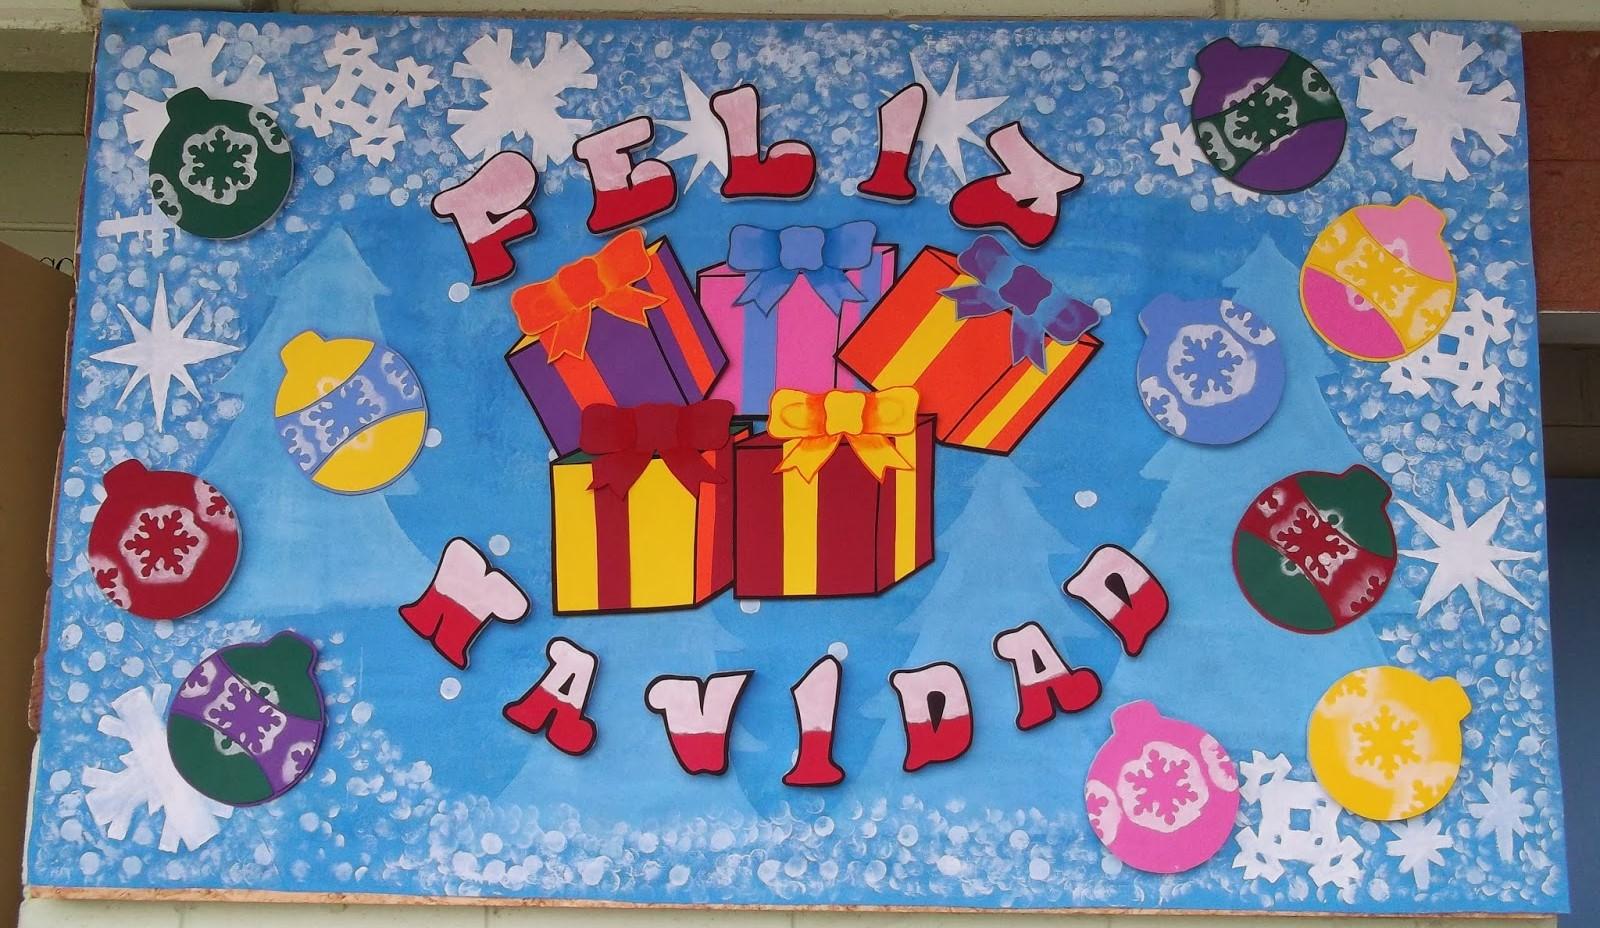 Periodico mural diciembre 5 imagenes educativas for Deportes para el periodico mural